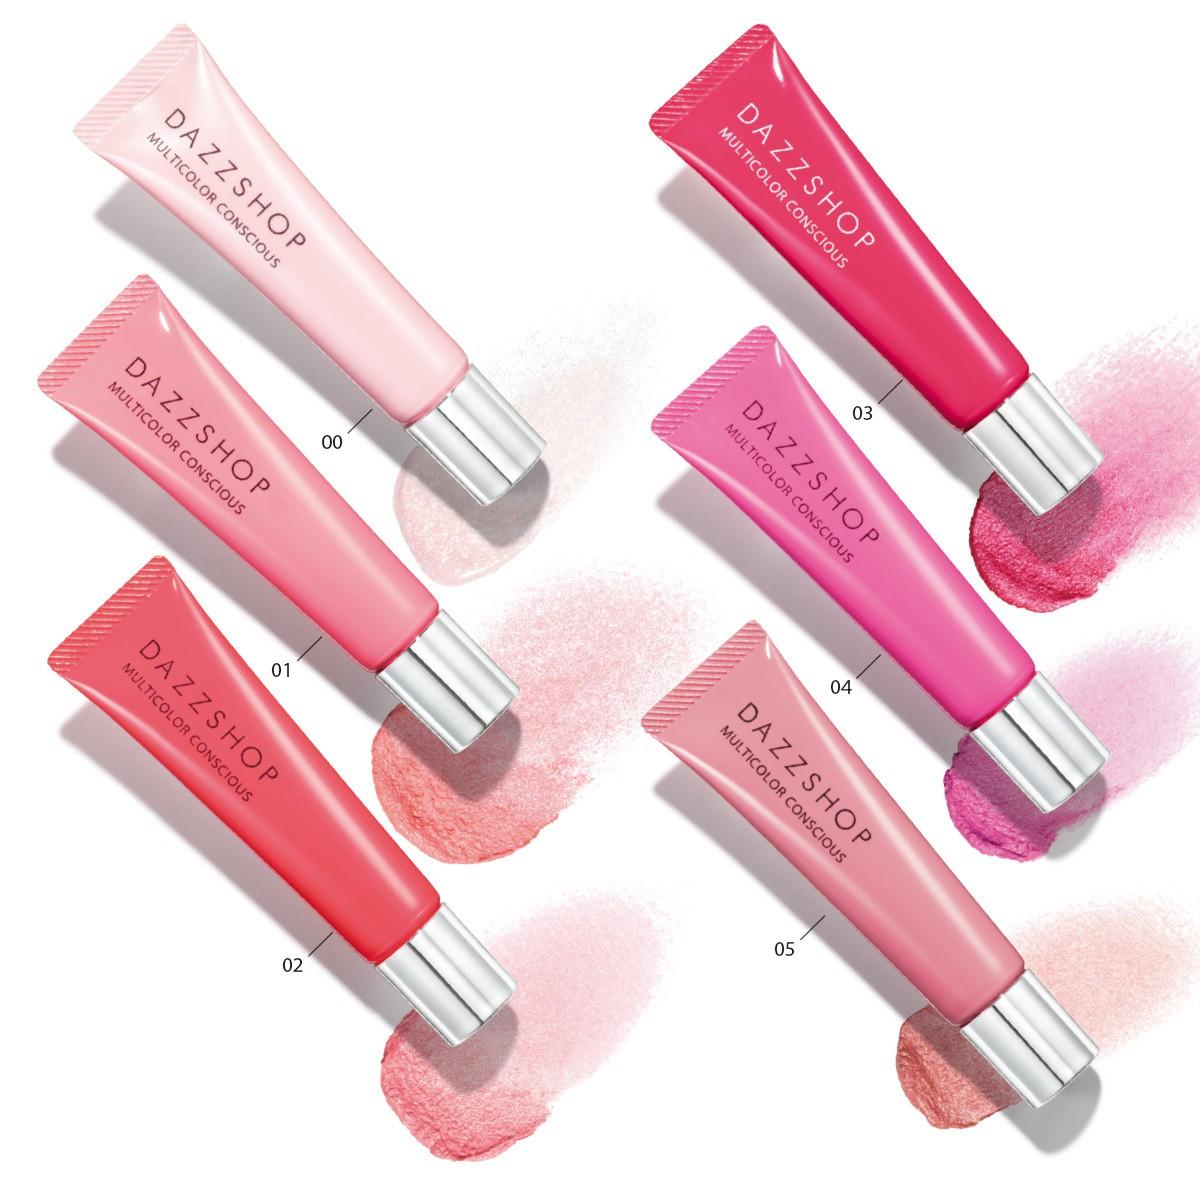 目、唇、頬…1色でも混ぜても、使い方無限大 DAZZSHOPのピンクが春を連れてくる! _1